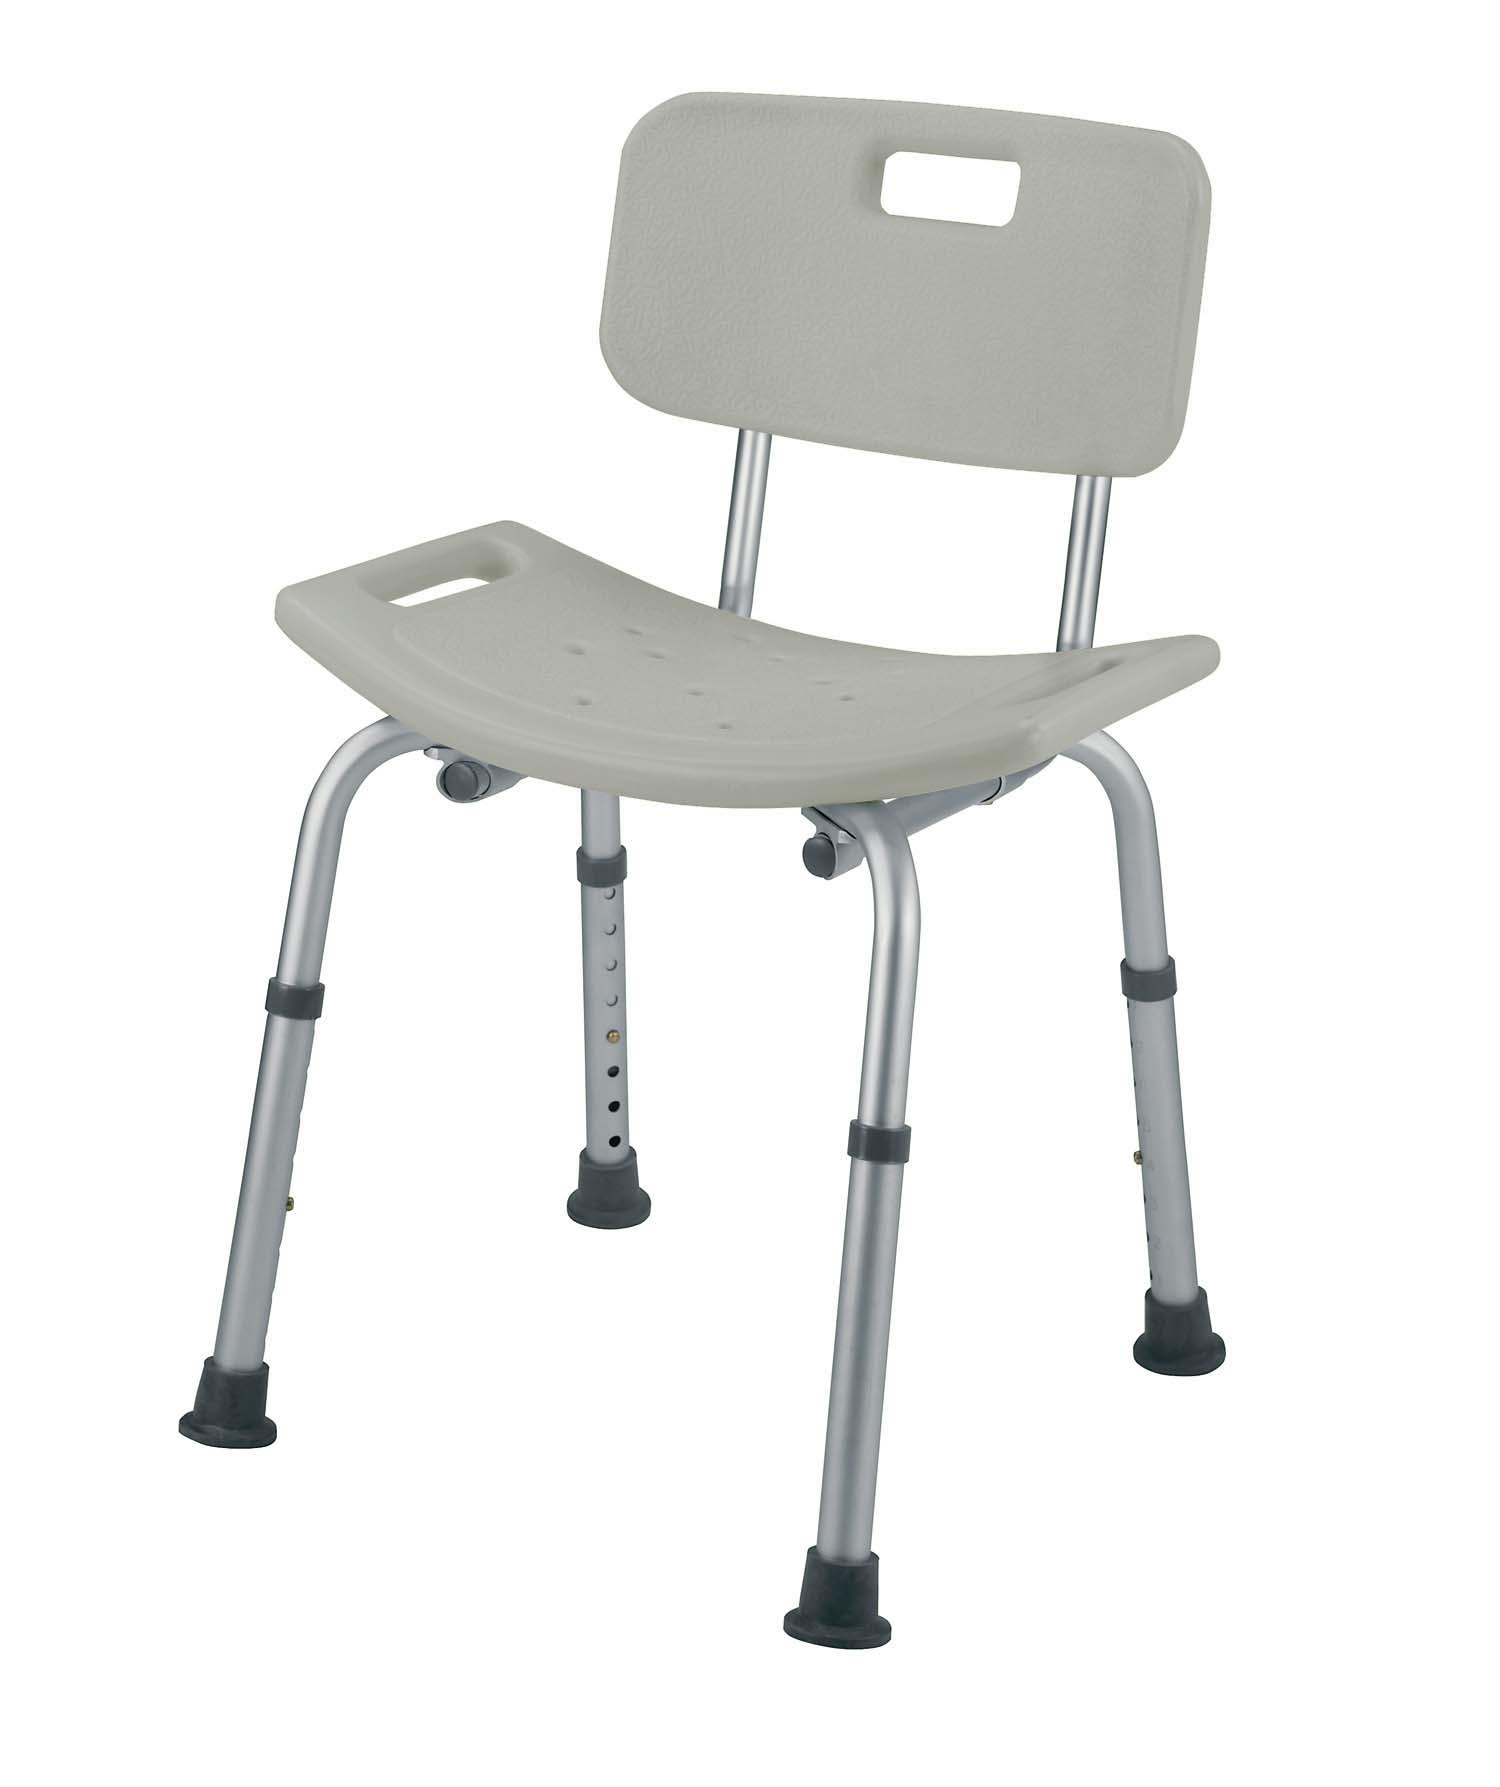 bath-seat-with-backrest-4-carton-522-2716-1900-lr-2.jpg